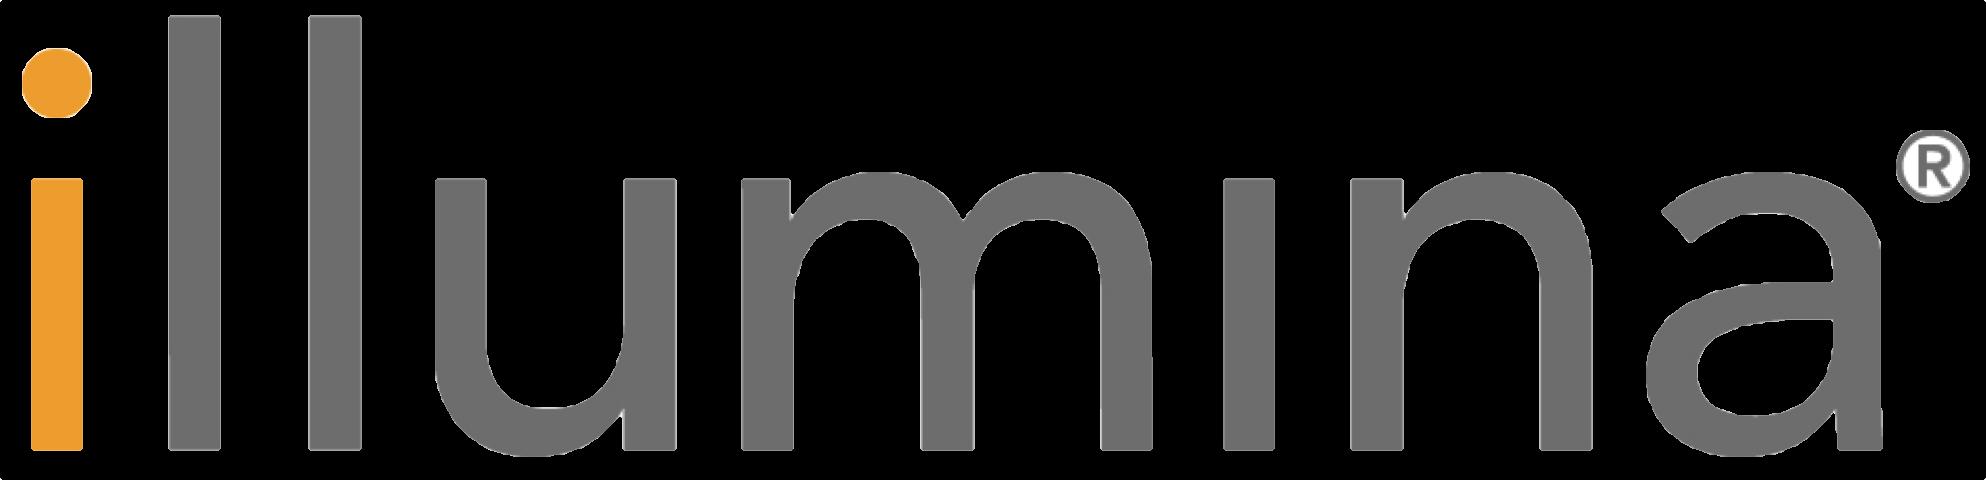 illumina 徽标